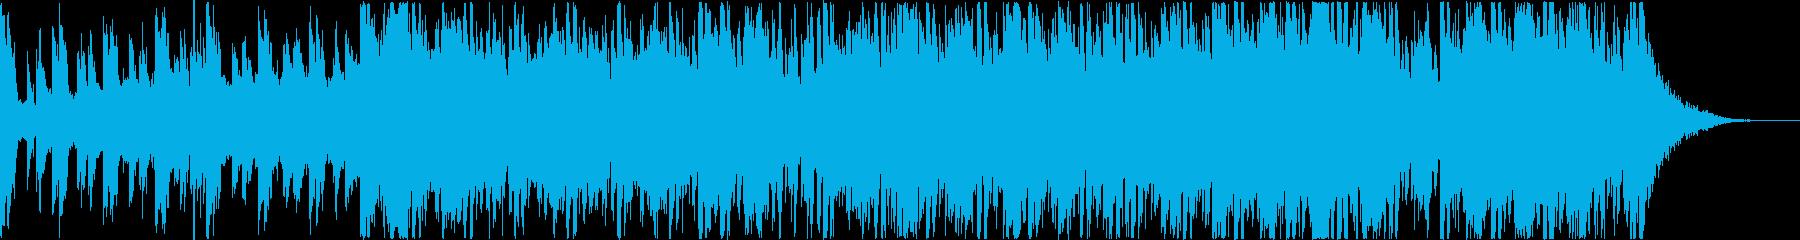 劇伴向けテクノ風の再生済みの波形